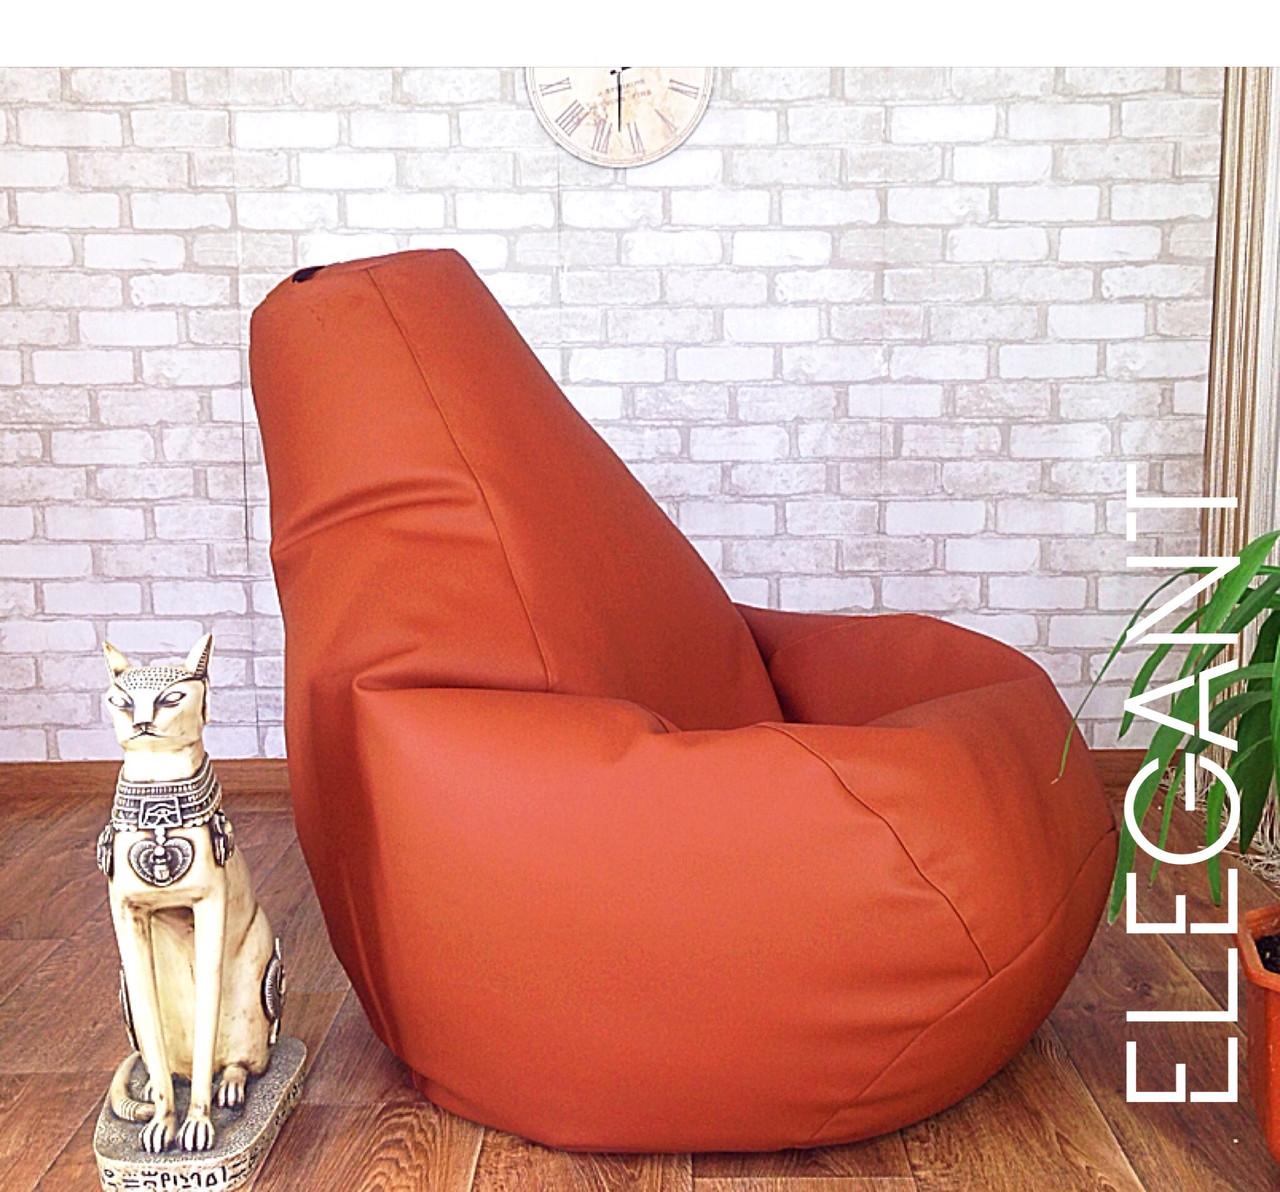 Кресло Мешок, бескаркасное кресло Груша ХХЛ, коричневый